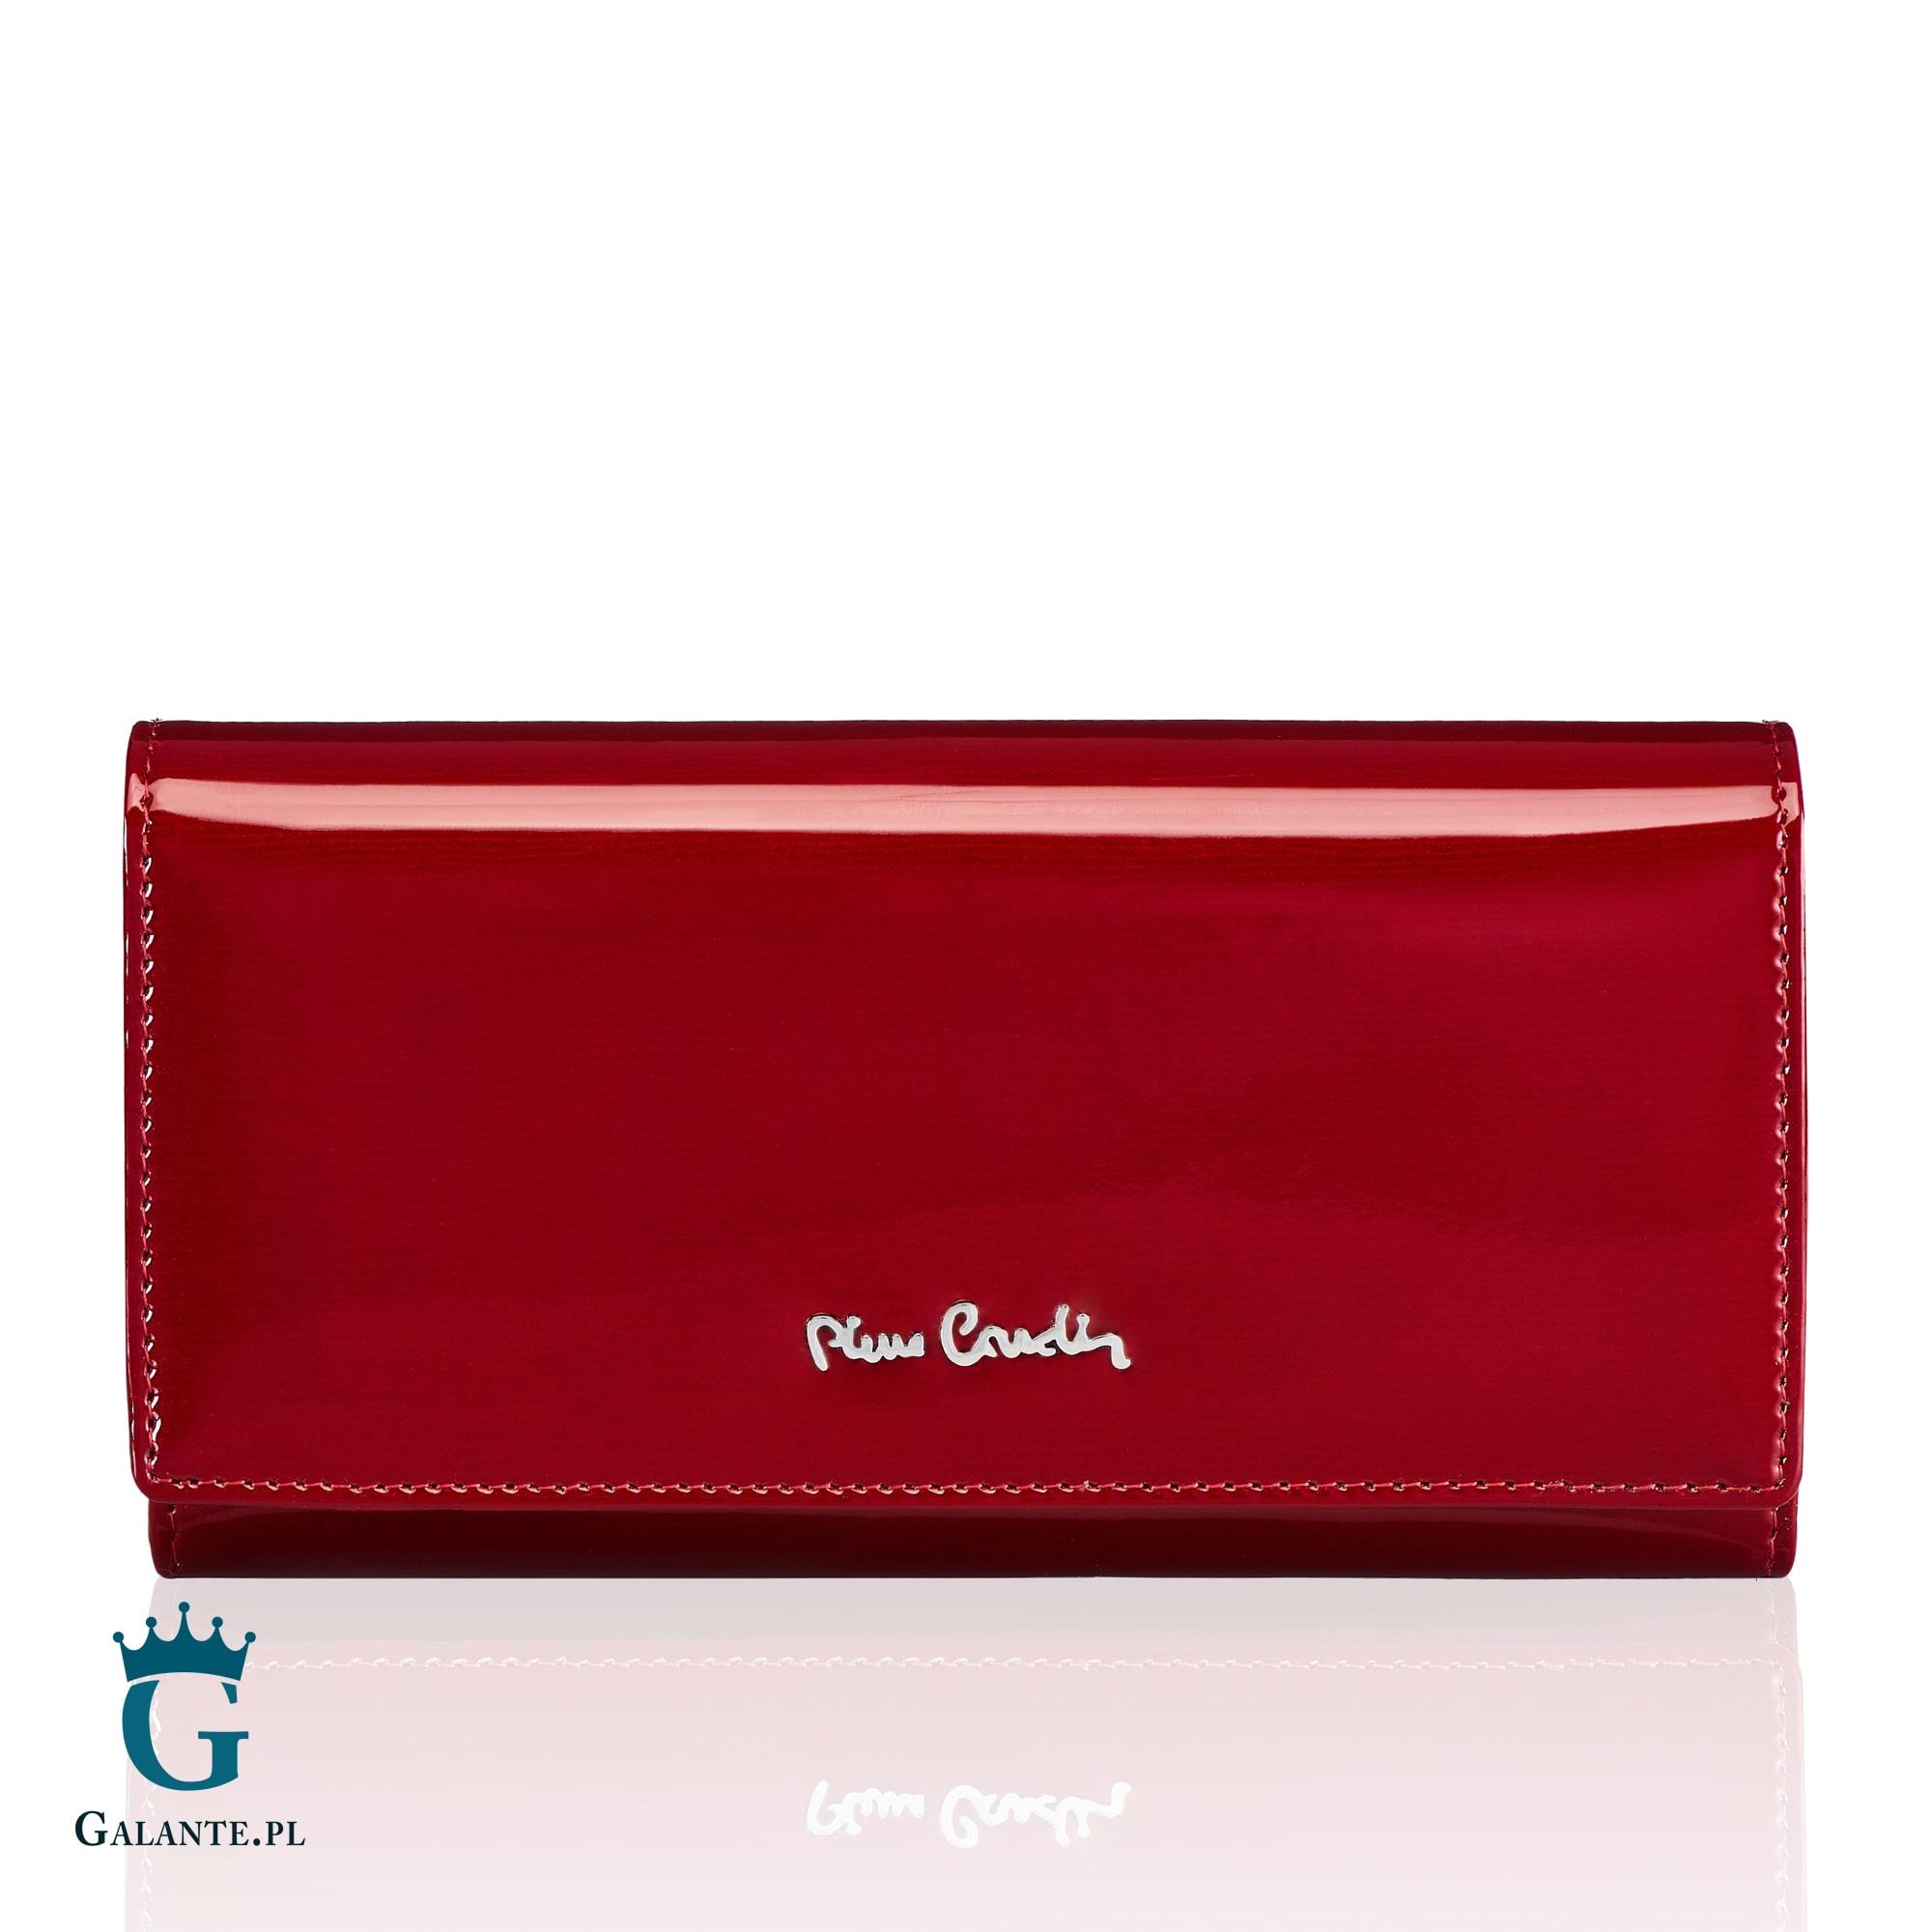 e9c81888731db Damski portfel Pierre Cardin Klasyczny Duży na zatrzask 05 LINE 100. ‹ ›